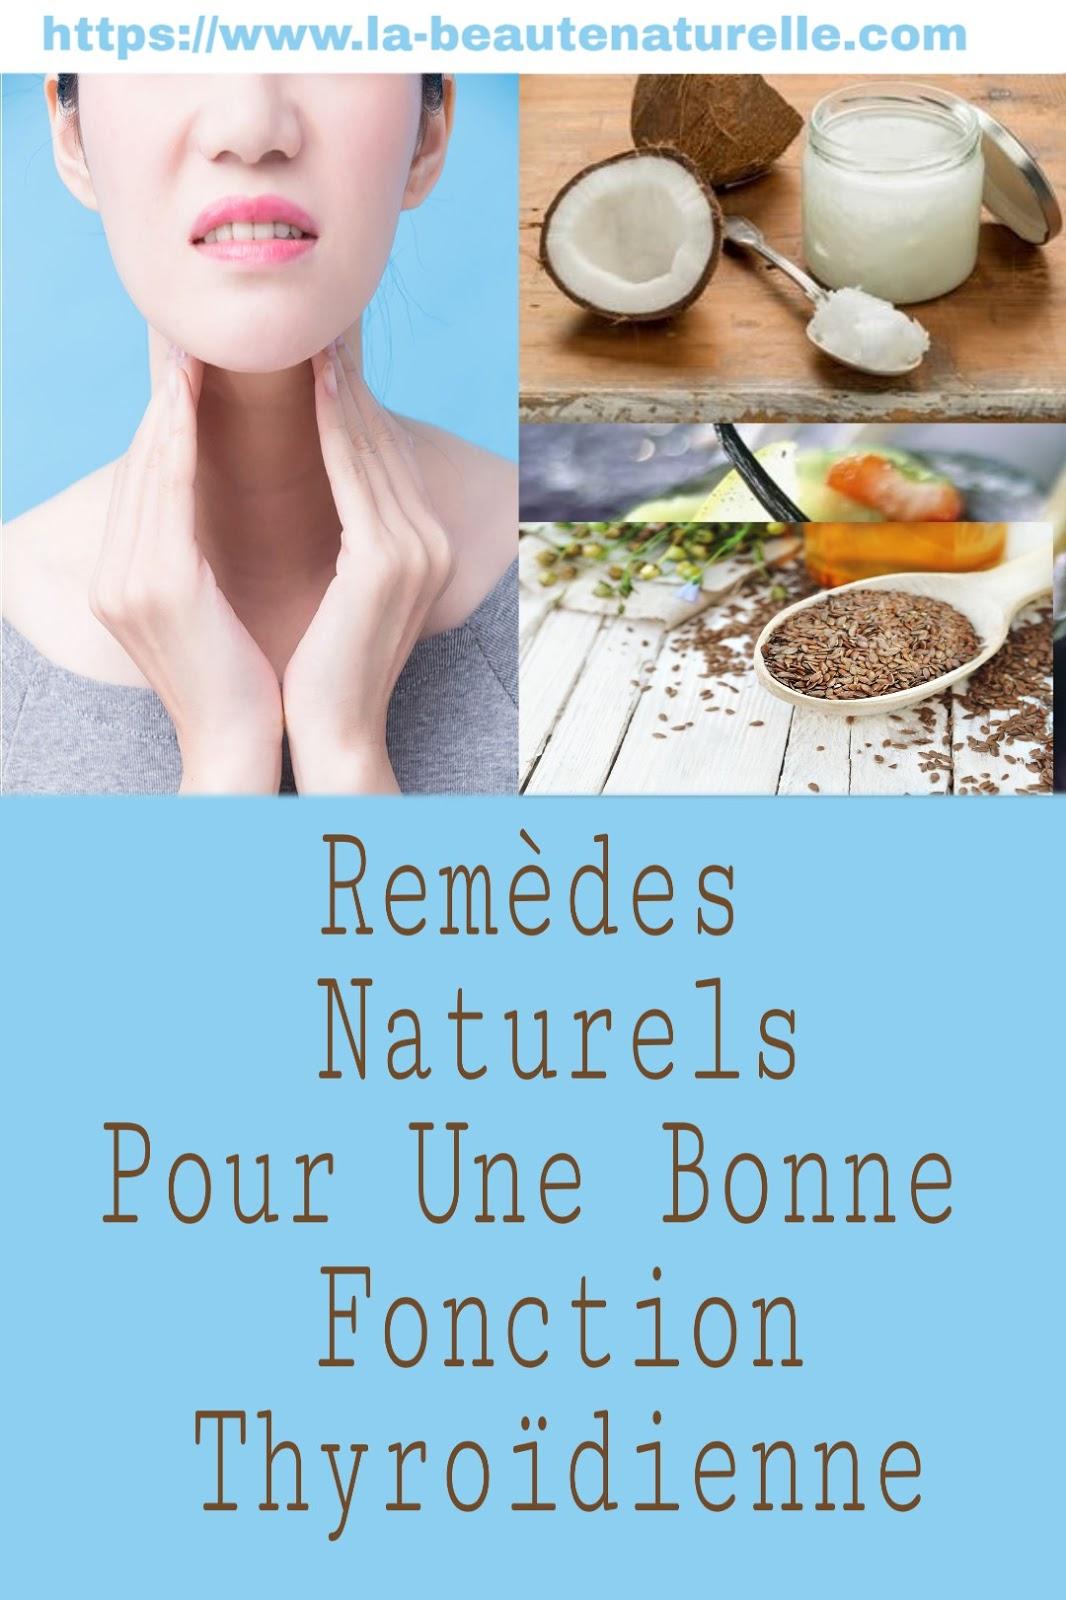 Remèdes Naturels Pour Une Bonne Fonction Thyroïdienne